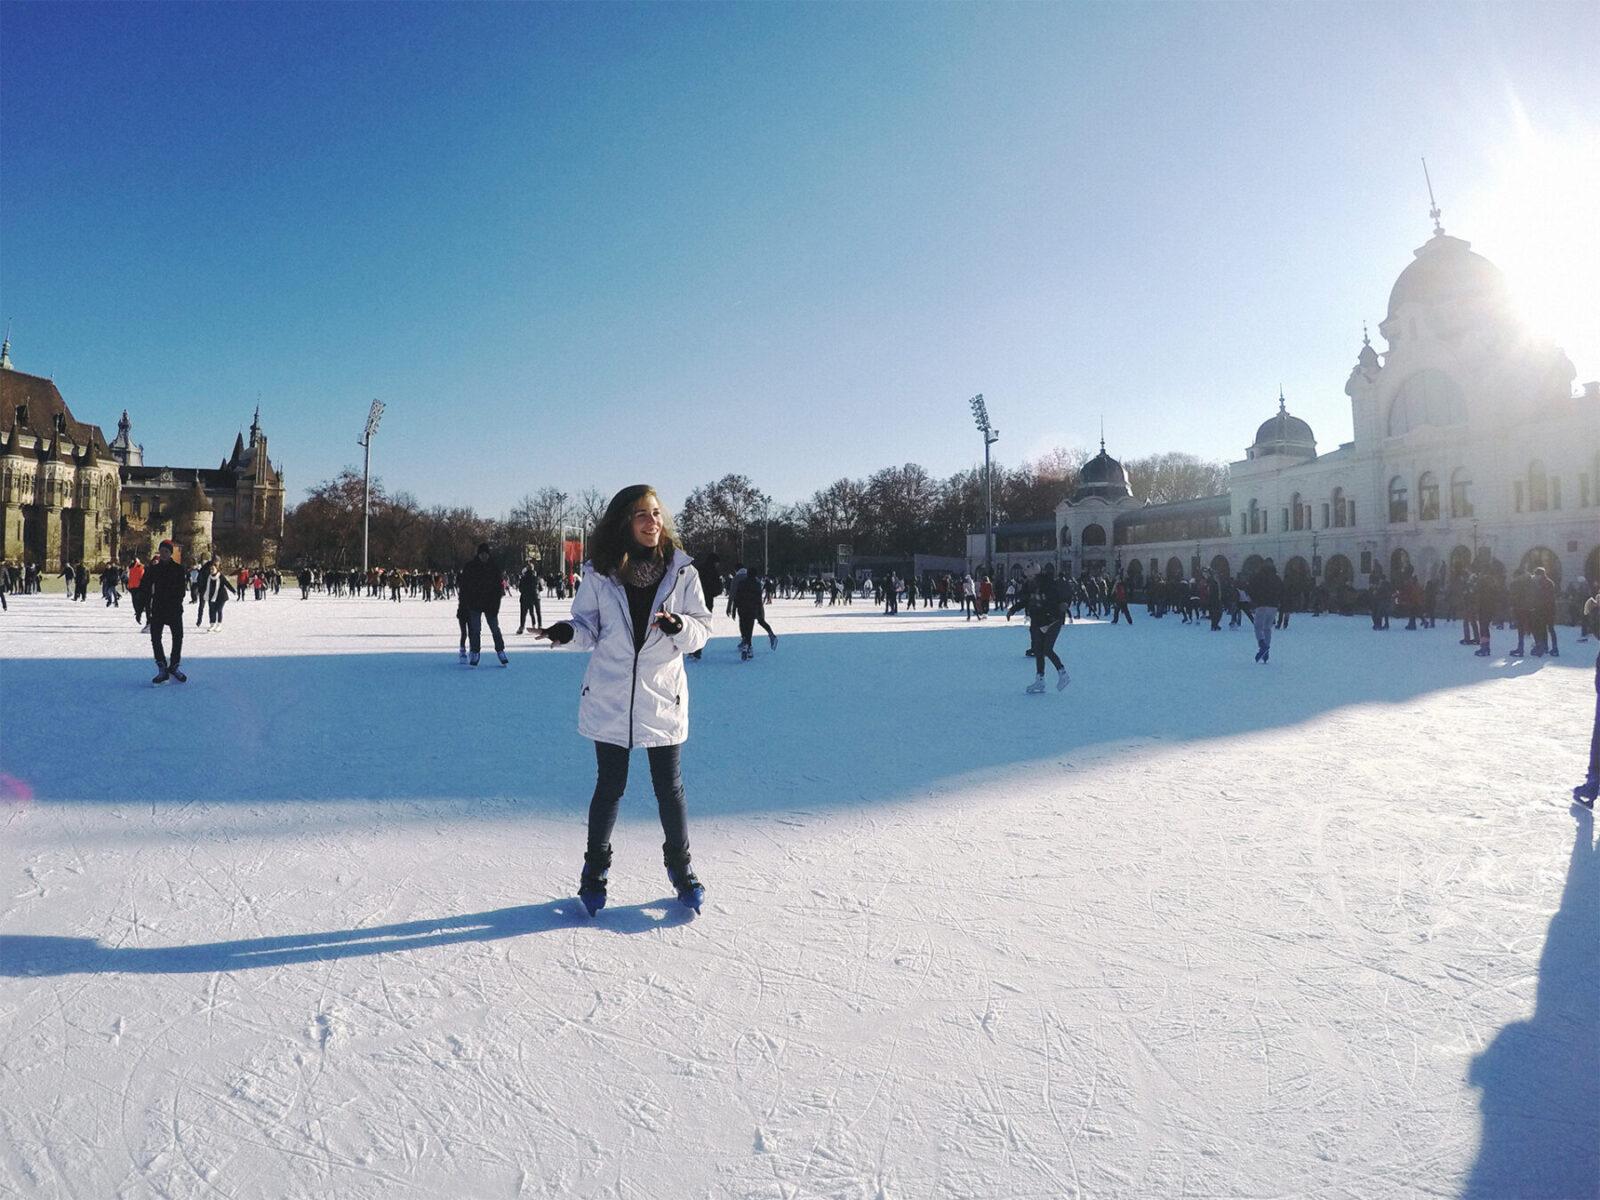 patinando no gelo em budapeste